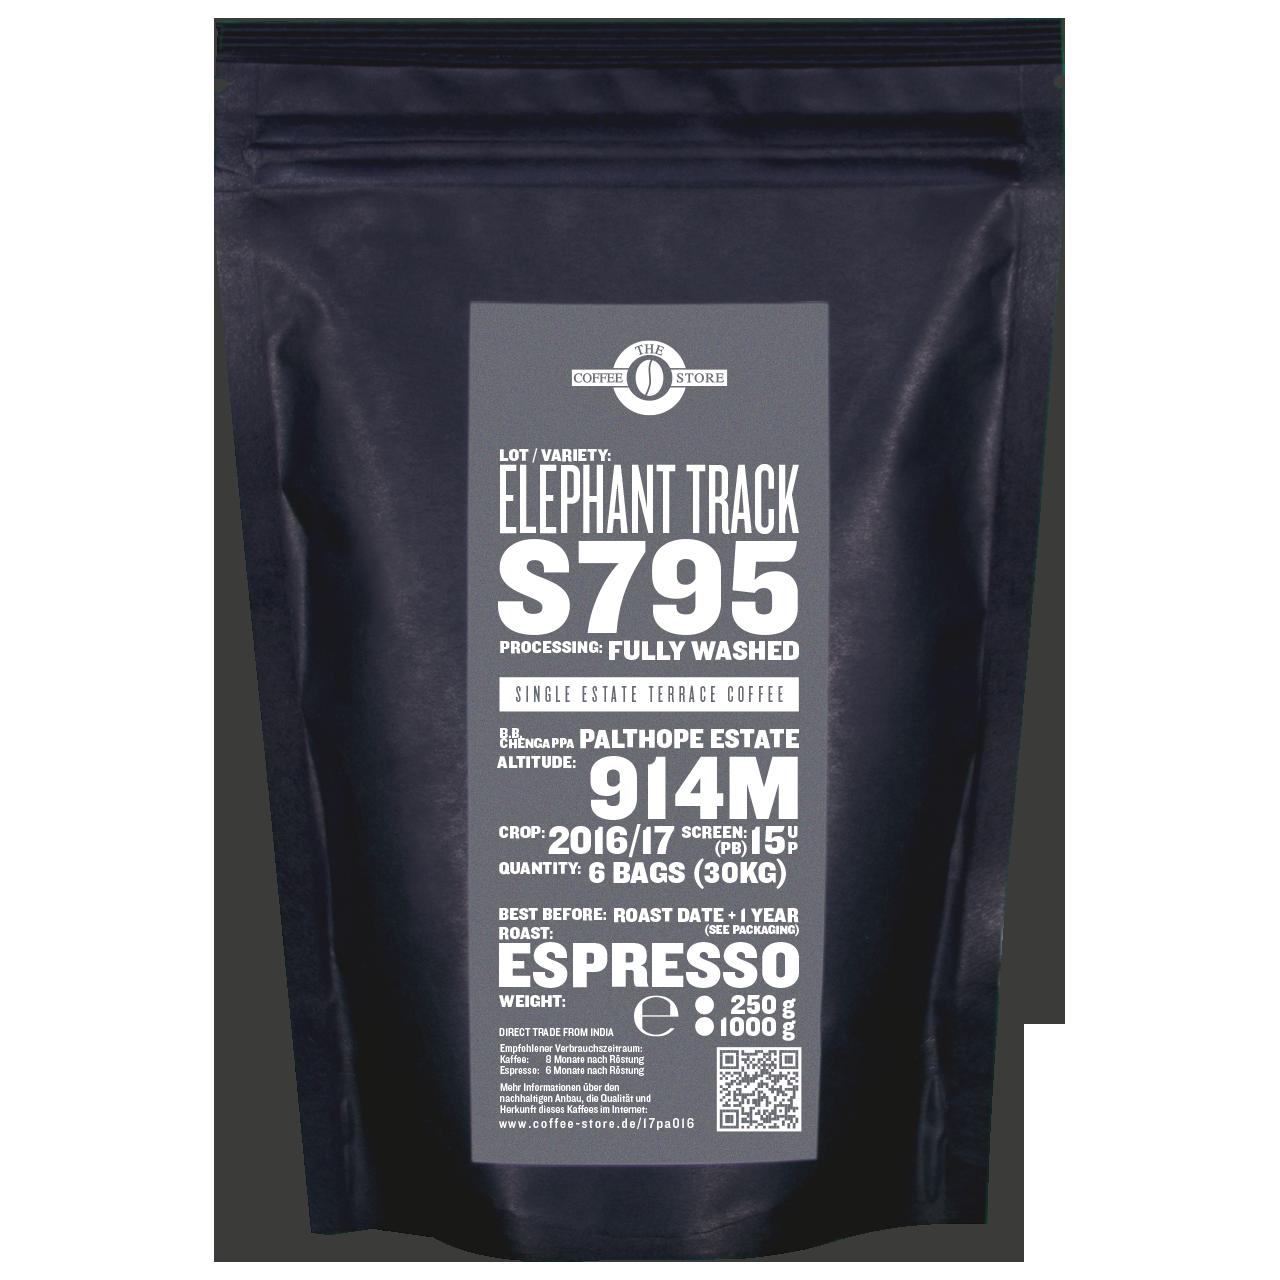 Elephant Track, S795 - Espressoröstung